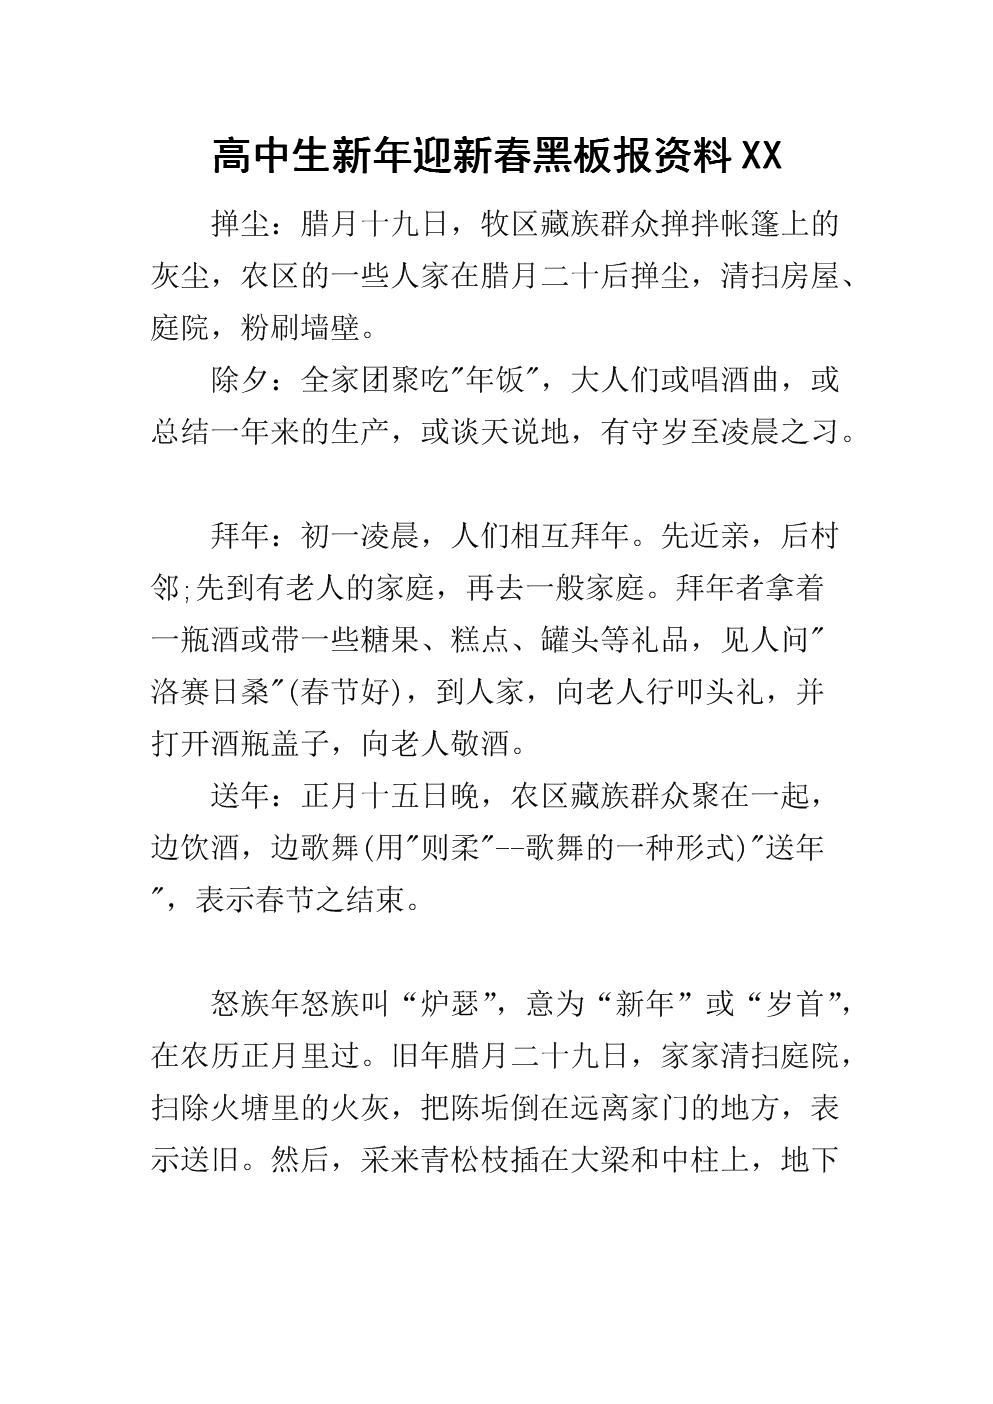 高中生新年迎新春黑板报资料xx.docx